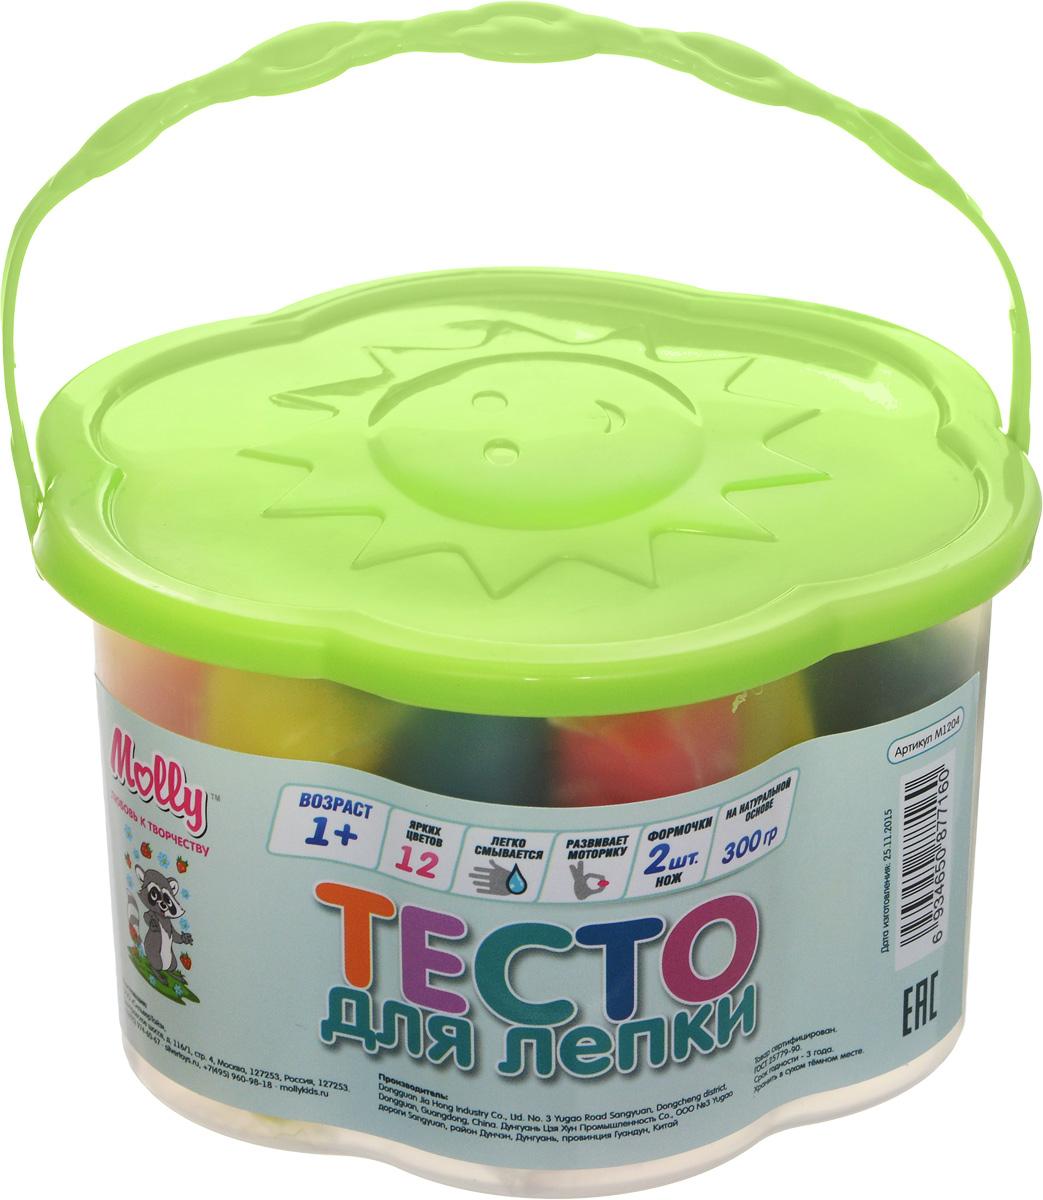 Molly Масса для лепки 12 цветов 2 формочки цвет салатовыйM1204Разноцветное тесто для лепки Molly прекрасно подходит для обучения детей азам лепки. Тесто пластично, приятно на ощупь и долговечно. Преимущественным отличием теста для лепки Молли является то, что оно не пачкает руки и одежду, легко снимается с поверхности, не окрашивает, может использоваться многократно при условии правильного хранения, безопасно для самых маленьких. Тесто разных цветов хорошо смешивается между собой, благодаря чему можно создавать бесконечное множество оттенков. Натуральные компоненты в составе теста делают его абсолютно безопасным. Тесто не вызывает аллергии, его легко снимать с поверхностей. В наборе две формочки, одна резная форма и 12 цветов теста в индивидуальных упаковках. Набор дополнен пластиковым ножом. Готовые изделия из теста можно украшать бусинами, крупами, семечками, разукрашивать маркерами. Творческие занятия с тестом для лепки развивают мелкую моторику рук, воображение, логику, умение концентрироваться. Маленькие дети от года...